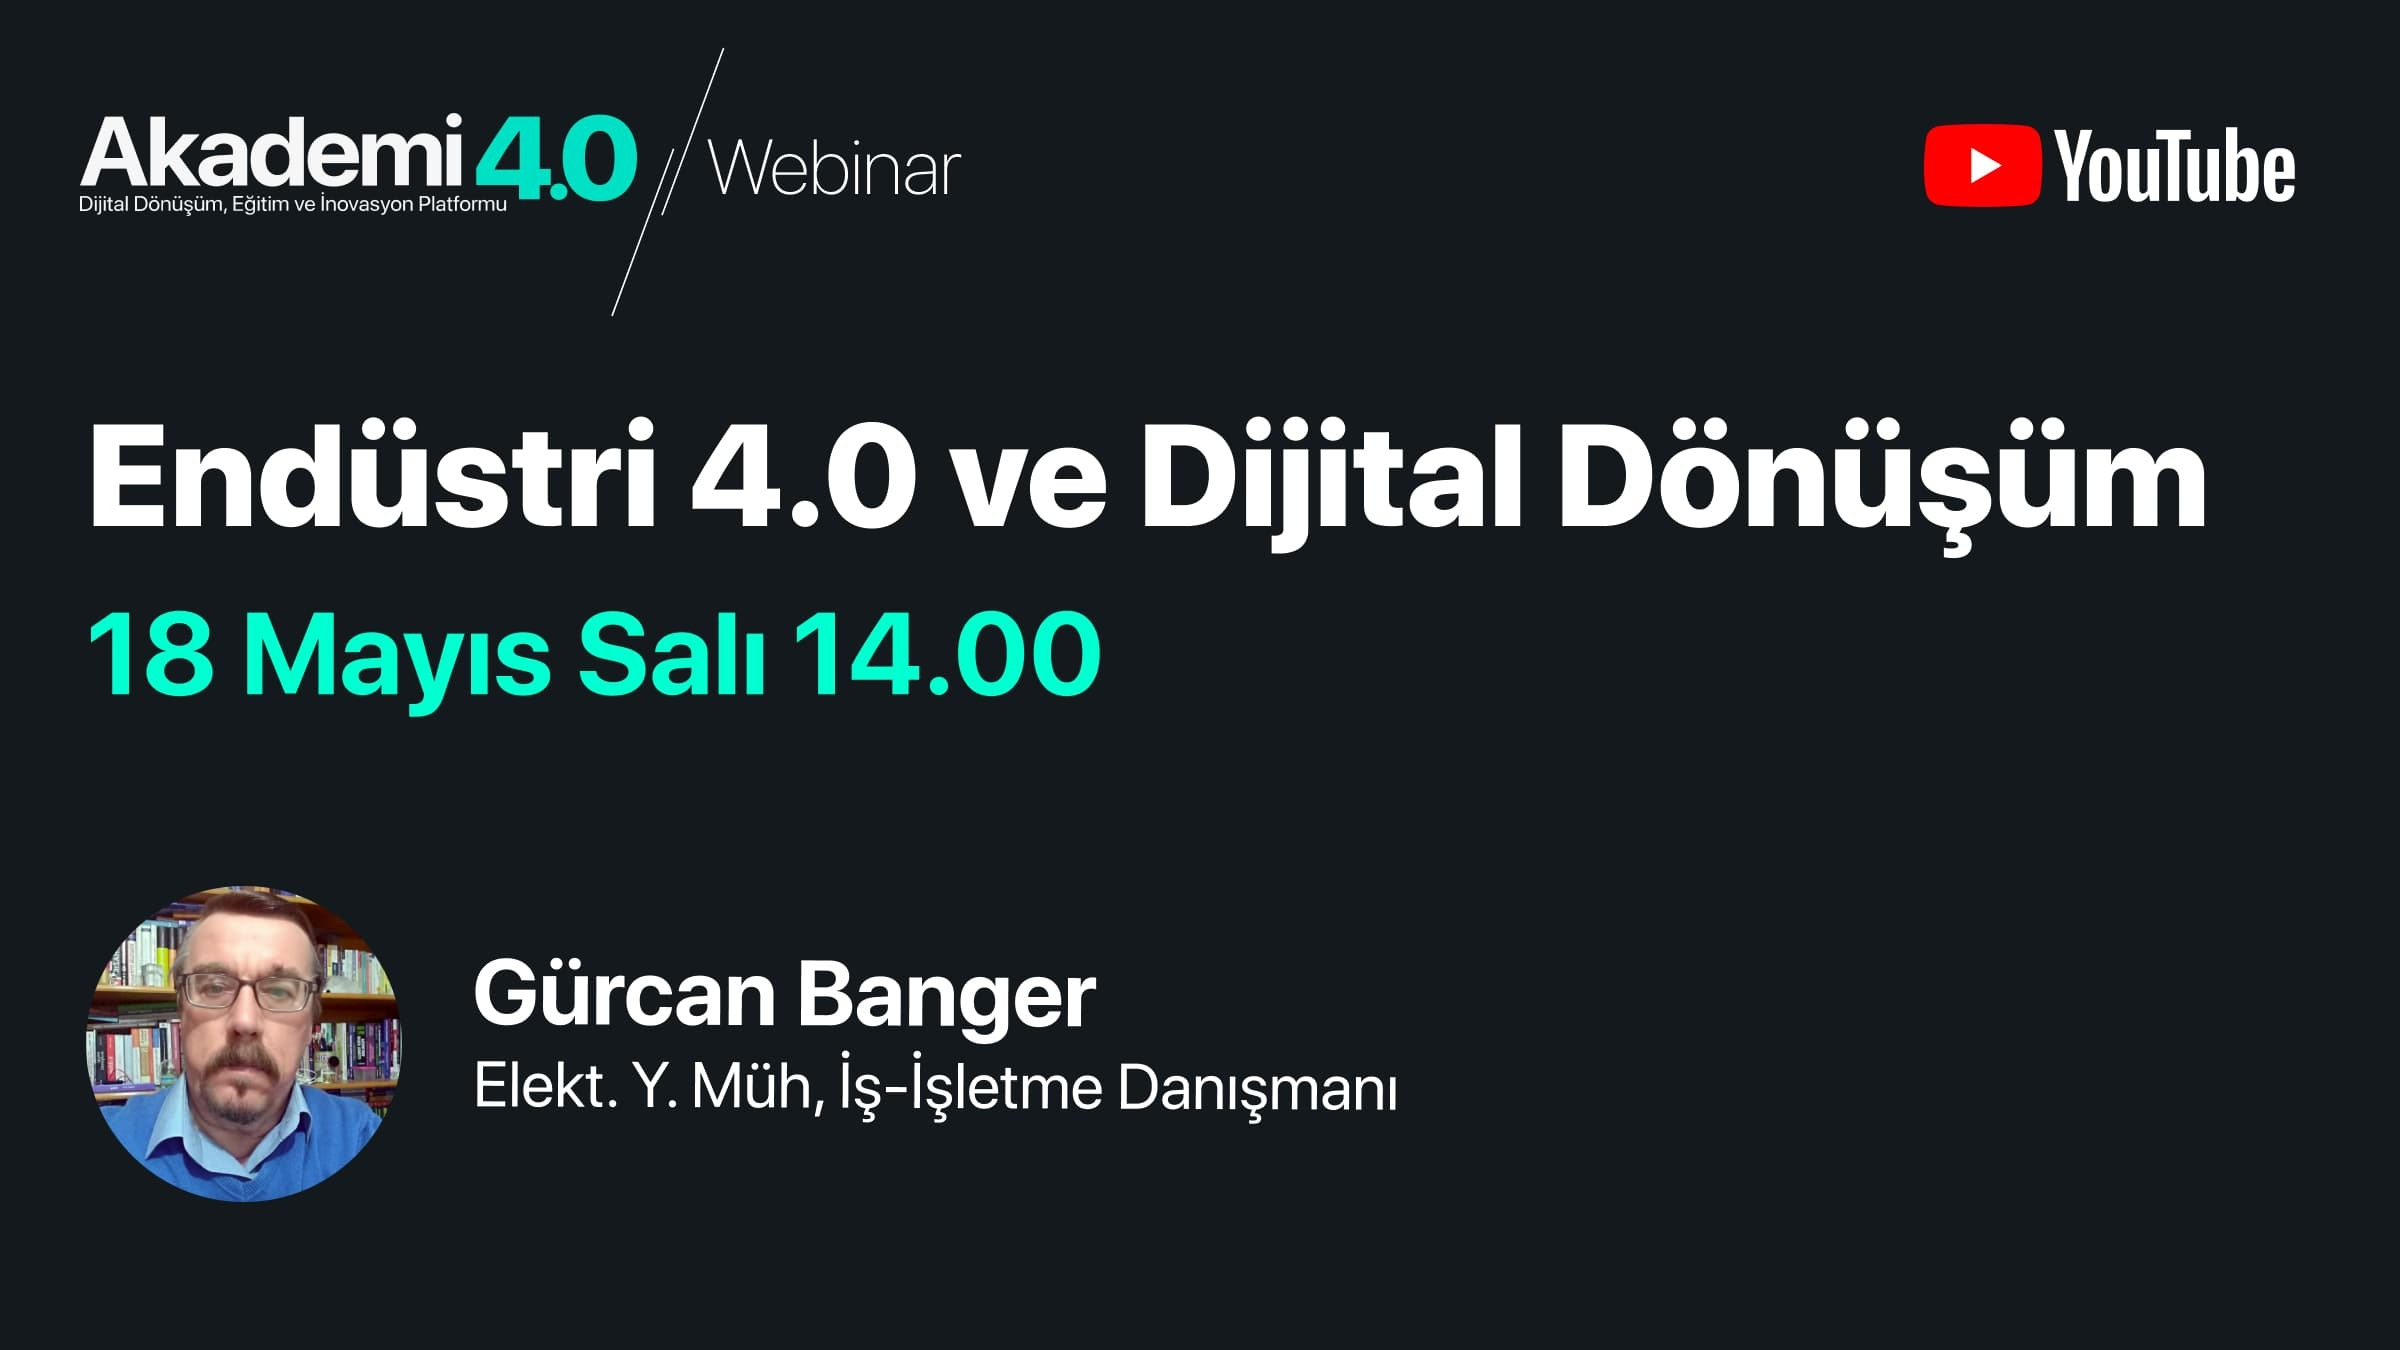 Endüstri 4.0 ve Dijital Dönüşüm